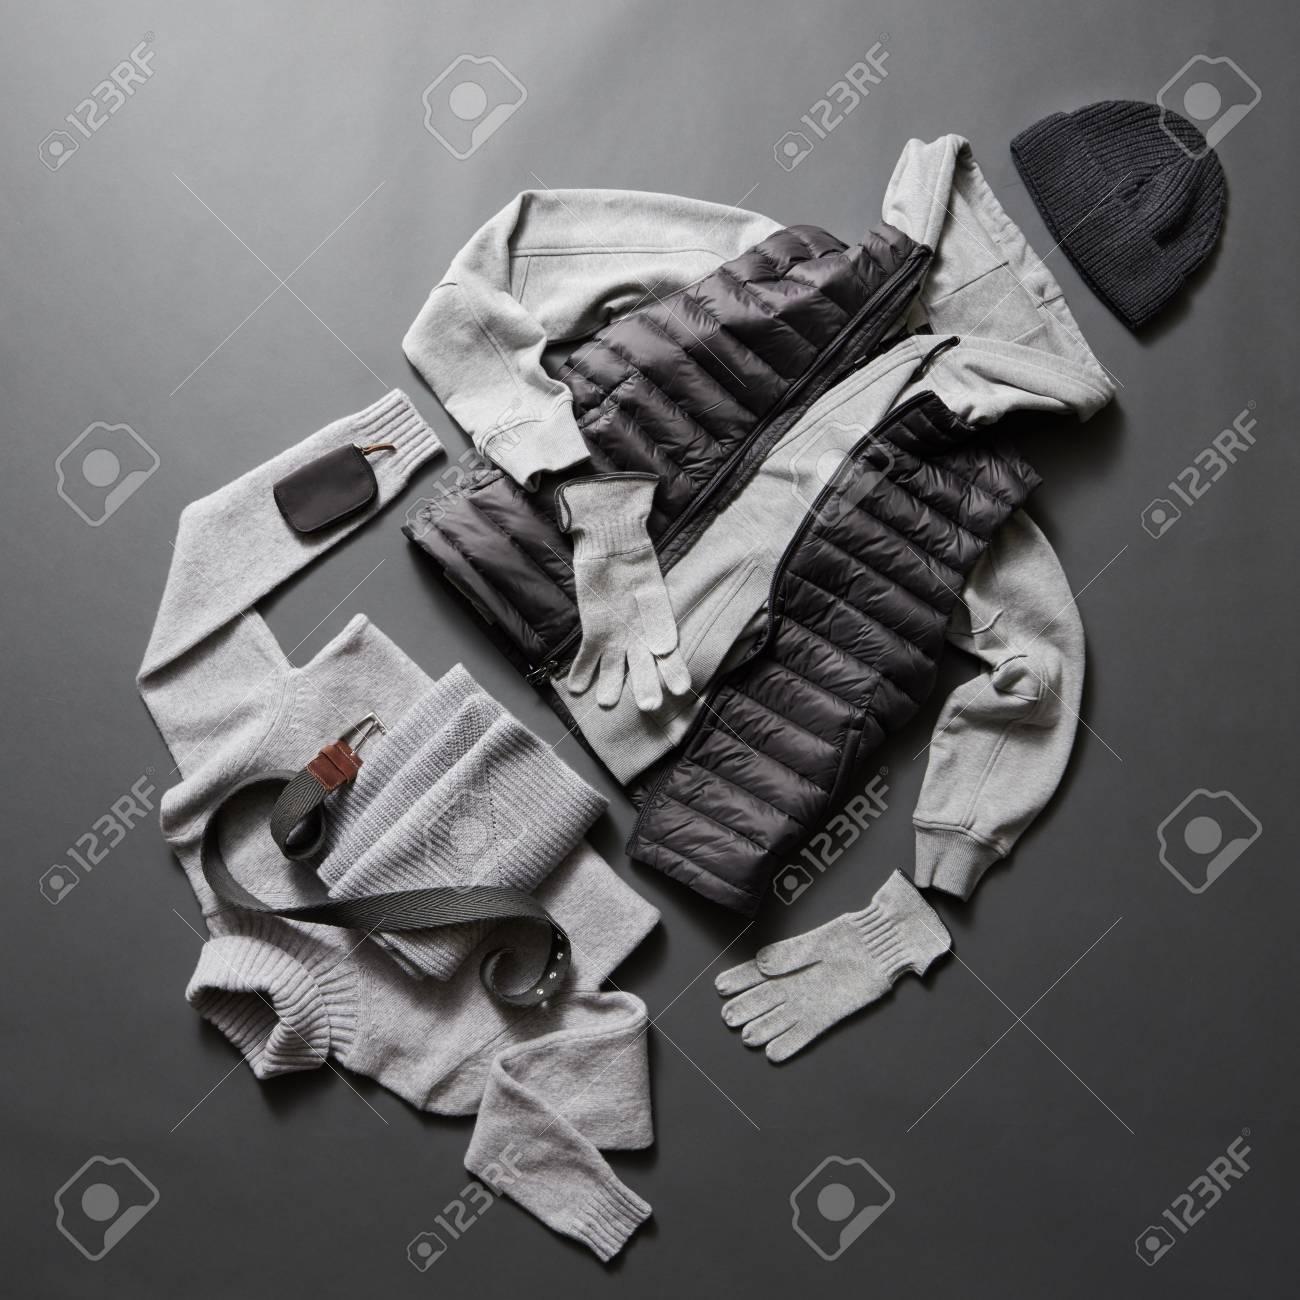 da327dc730d830 冬メンズ服と黒の背景のアクセサリー。冬のセーター、手袋、ジャケット ...